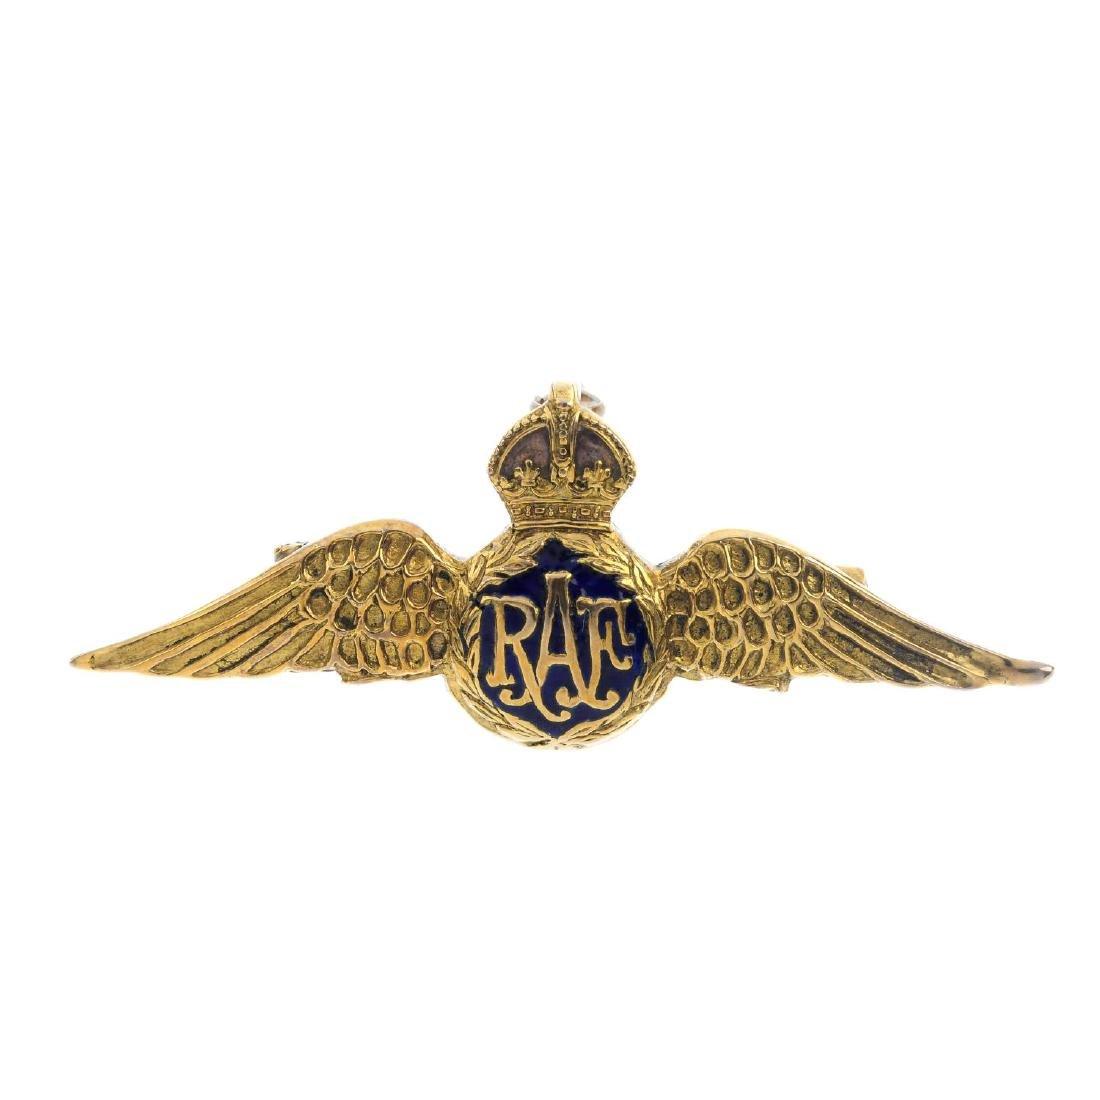 A 1970's 9ct gold enamel RAF brooch. The 'RAF' text,